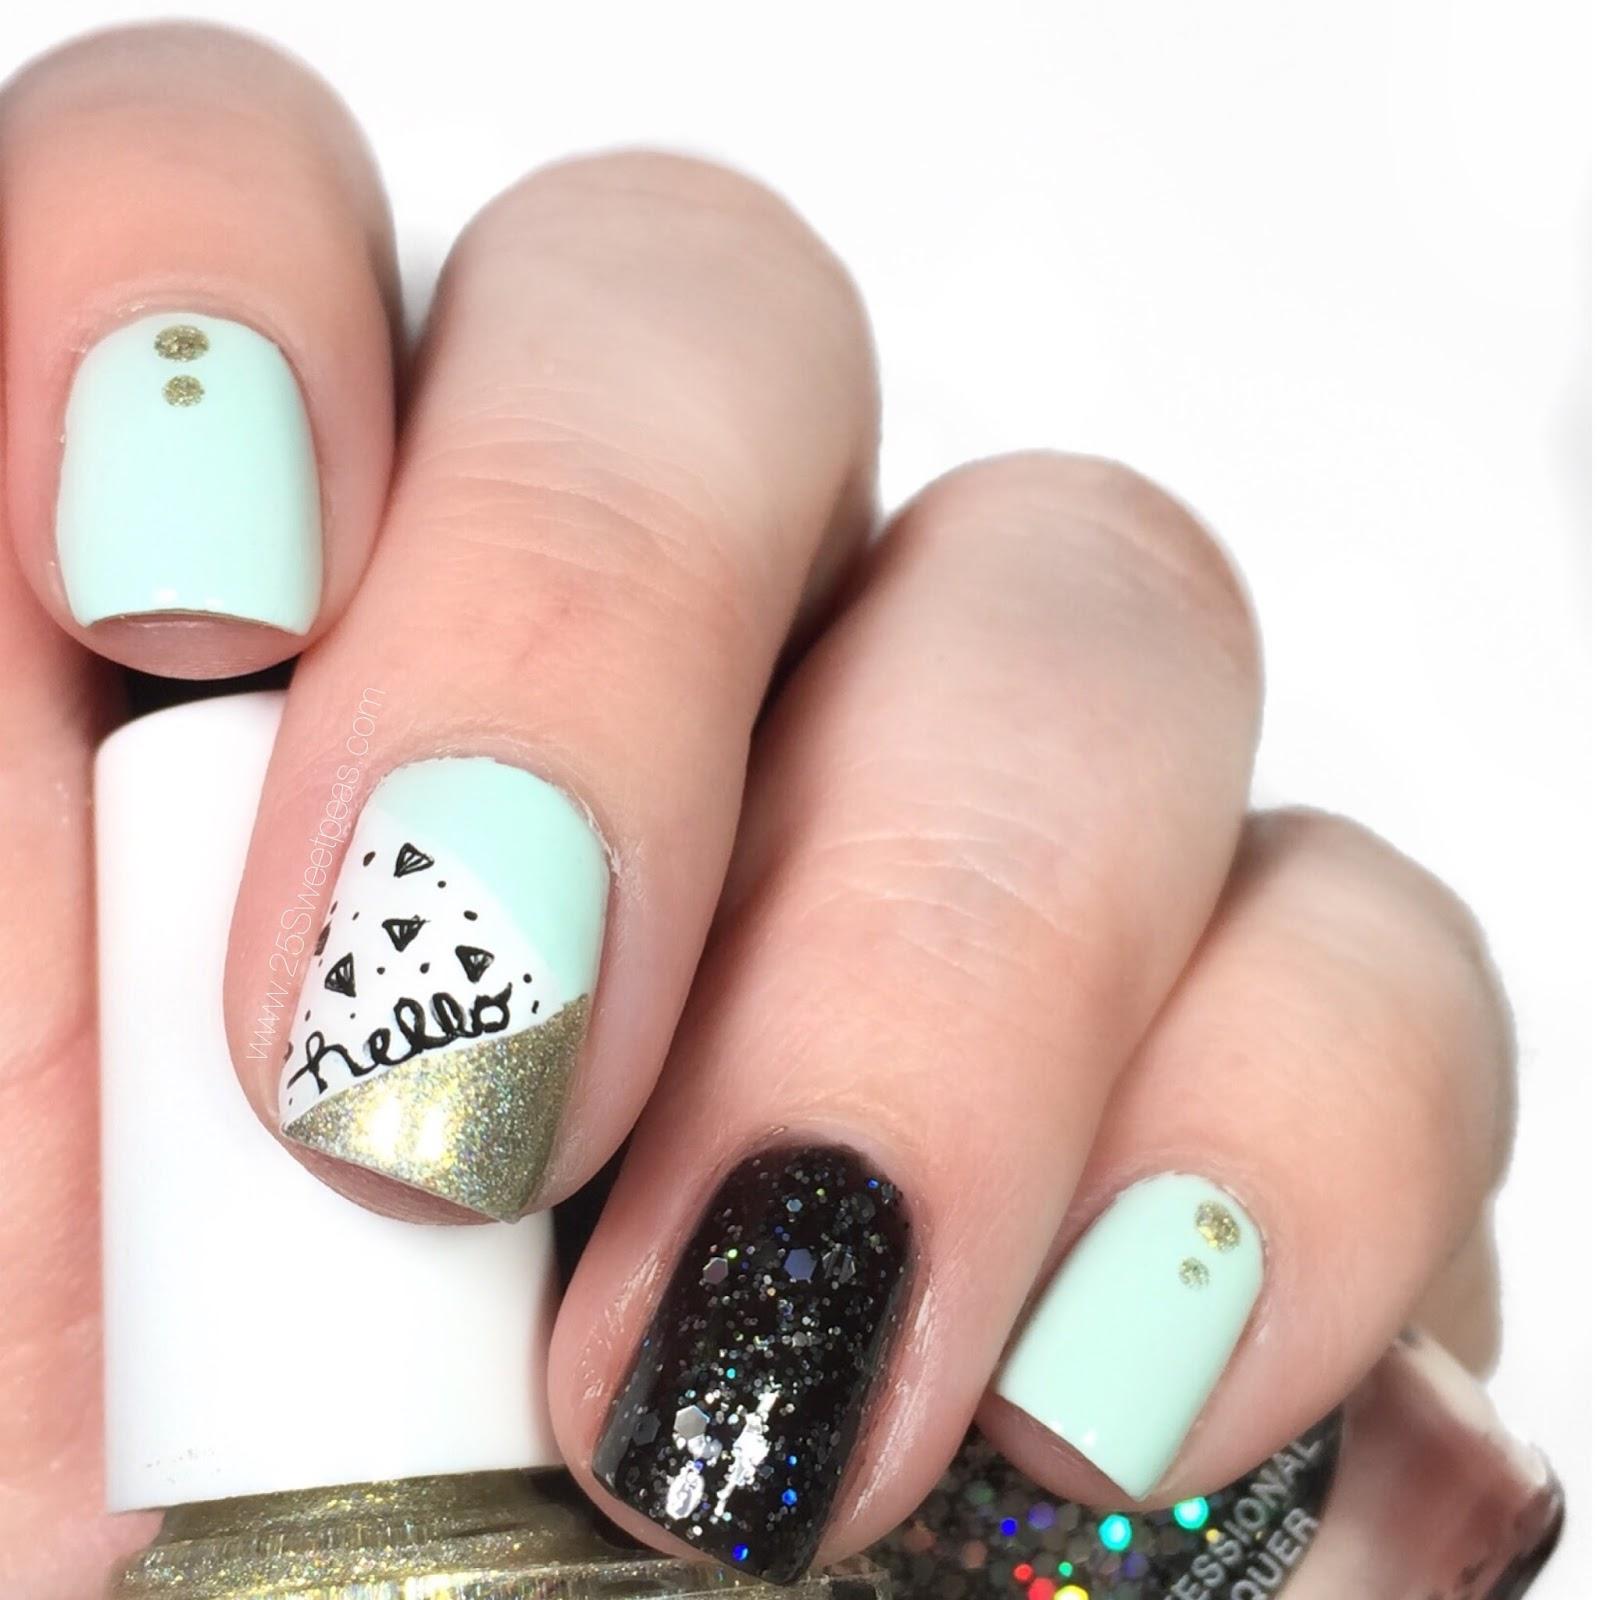 Hello Nail Art